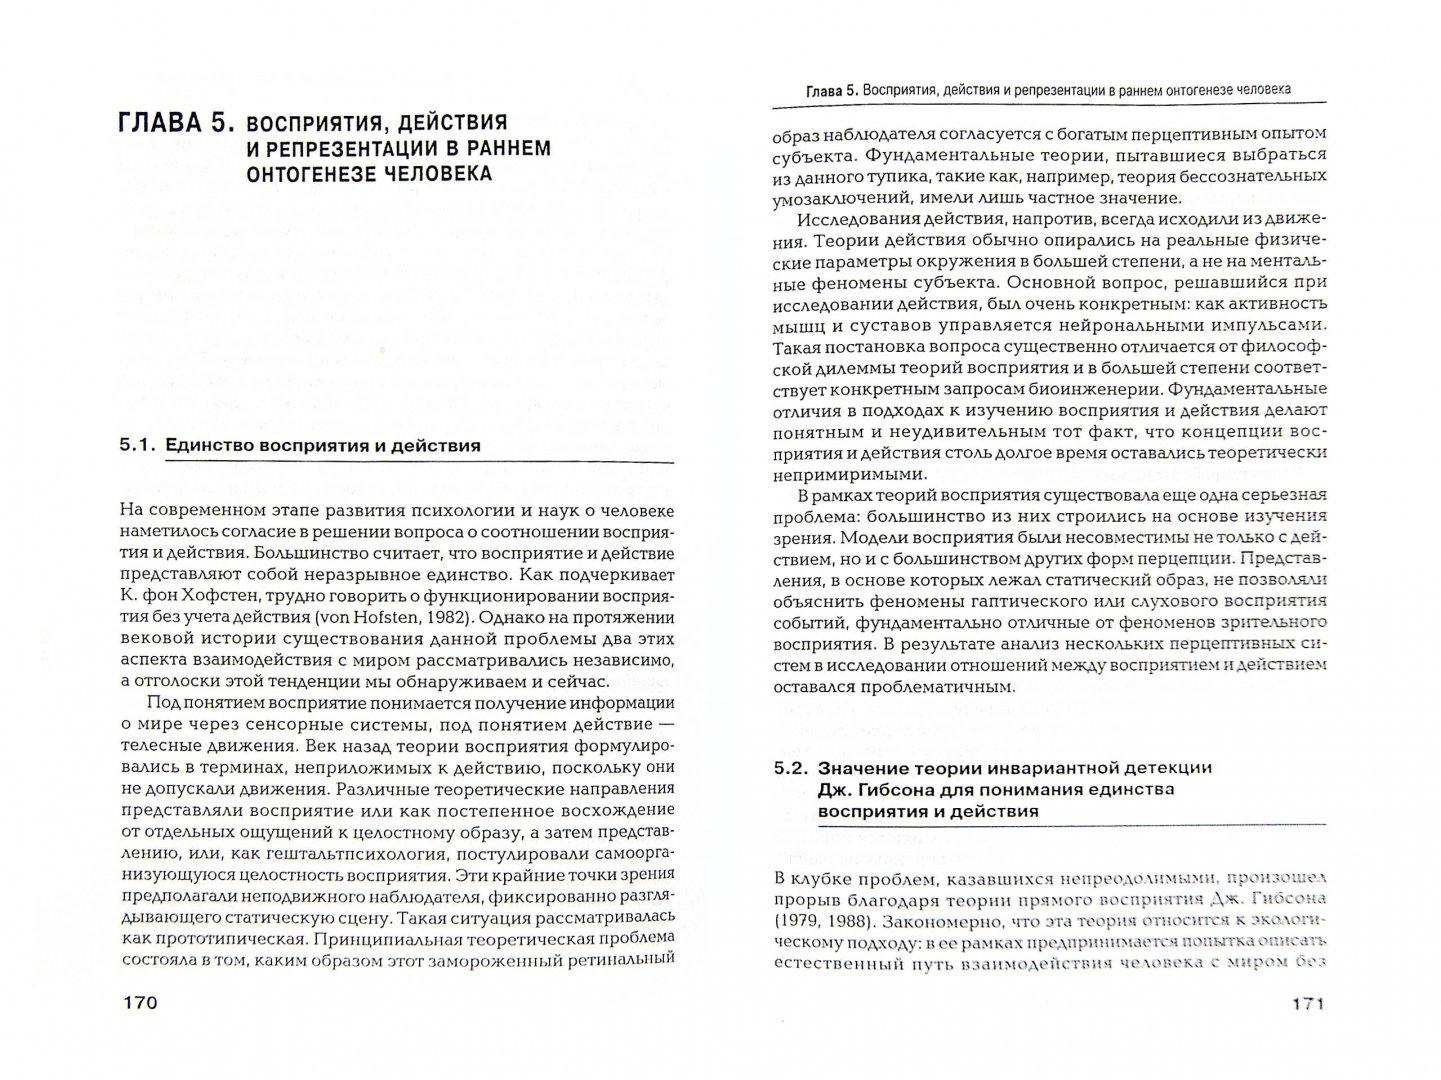 Иллюстрация 1 из 16 для Раннее когнитивное развитие. Новый взгляд - Елена Сергиенко | Лабиринт - книги. Источник: Лабиринт